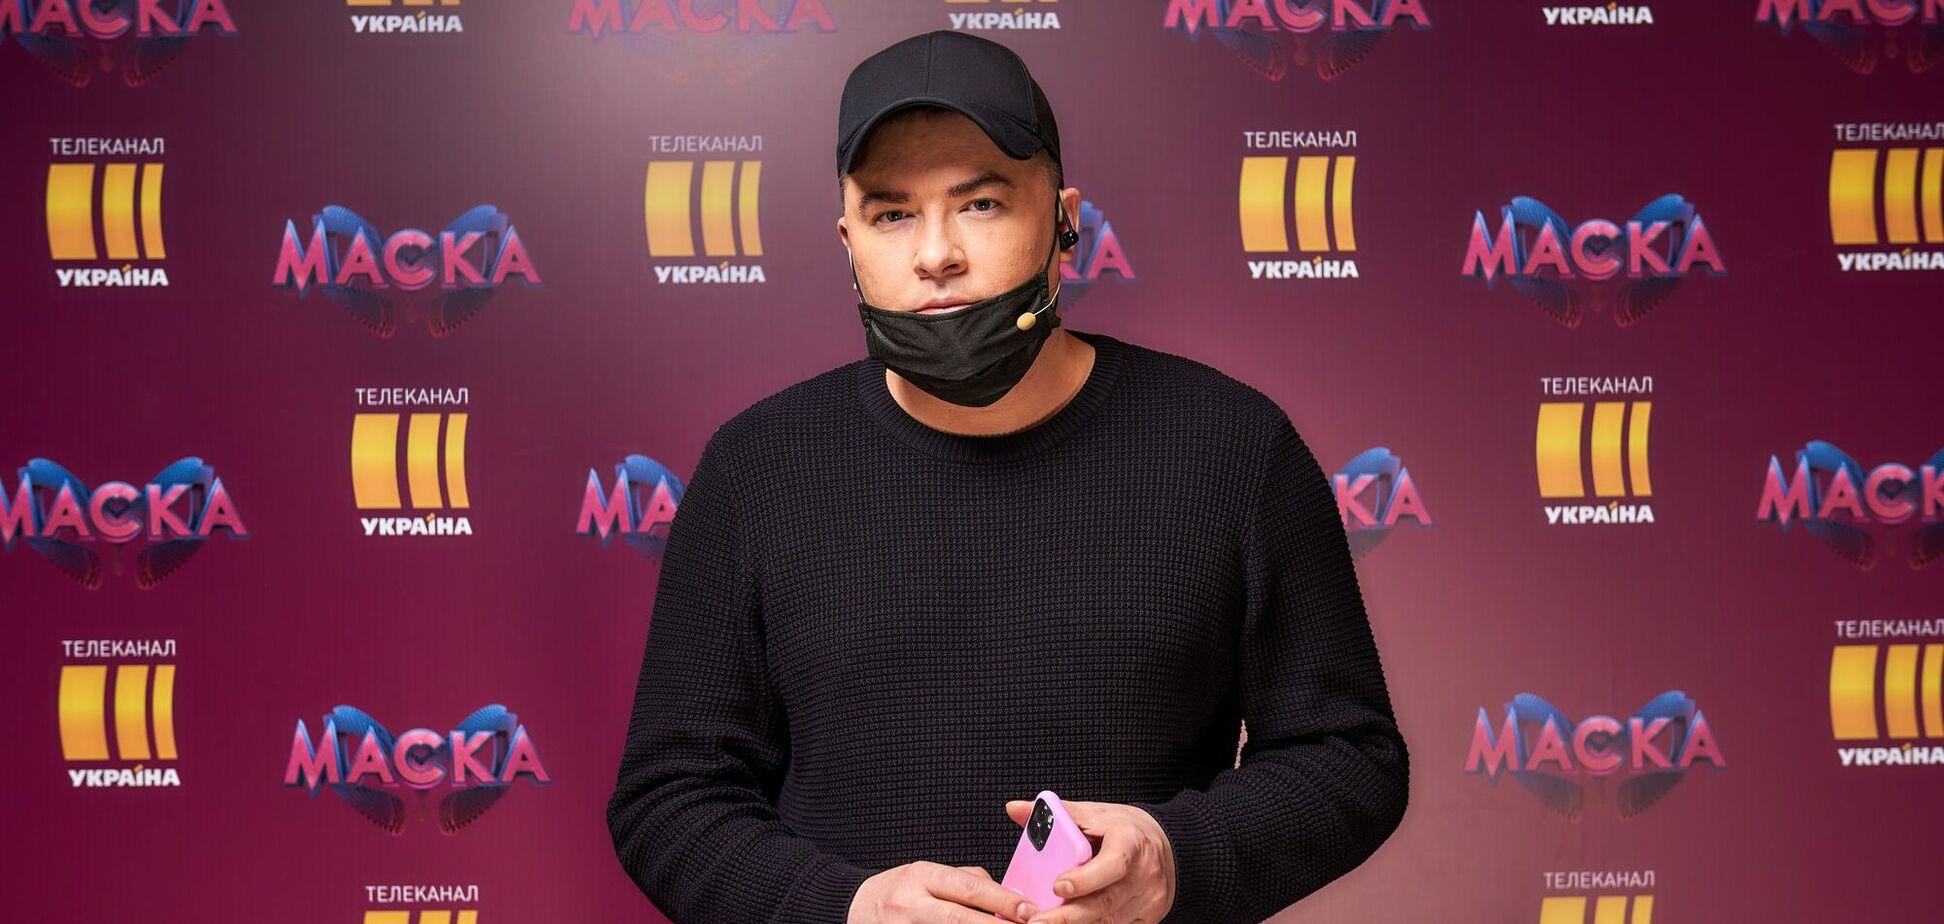 Данилко заявив, що роздягнеться догола і станцює на сцені шоу 'Маска'